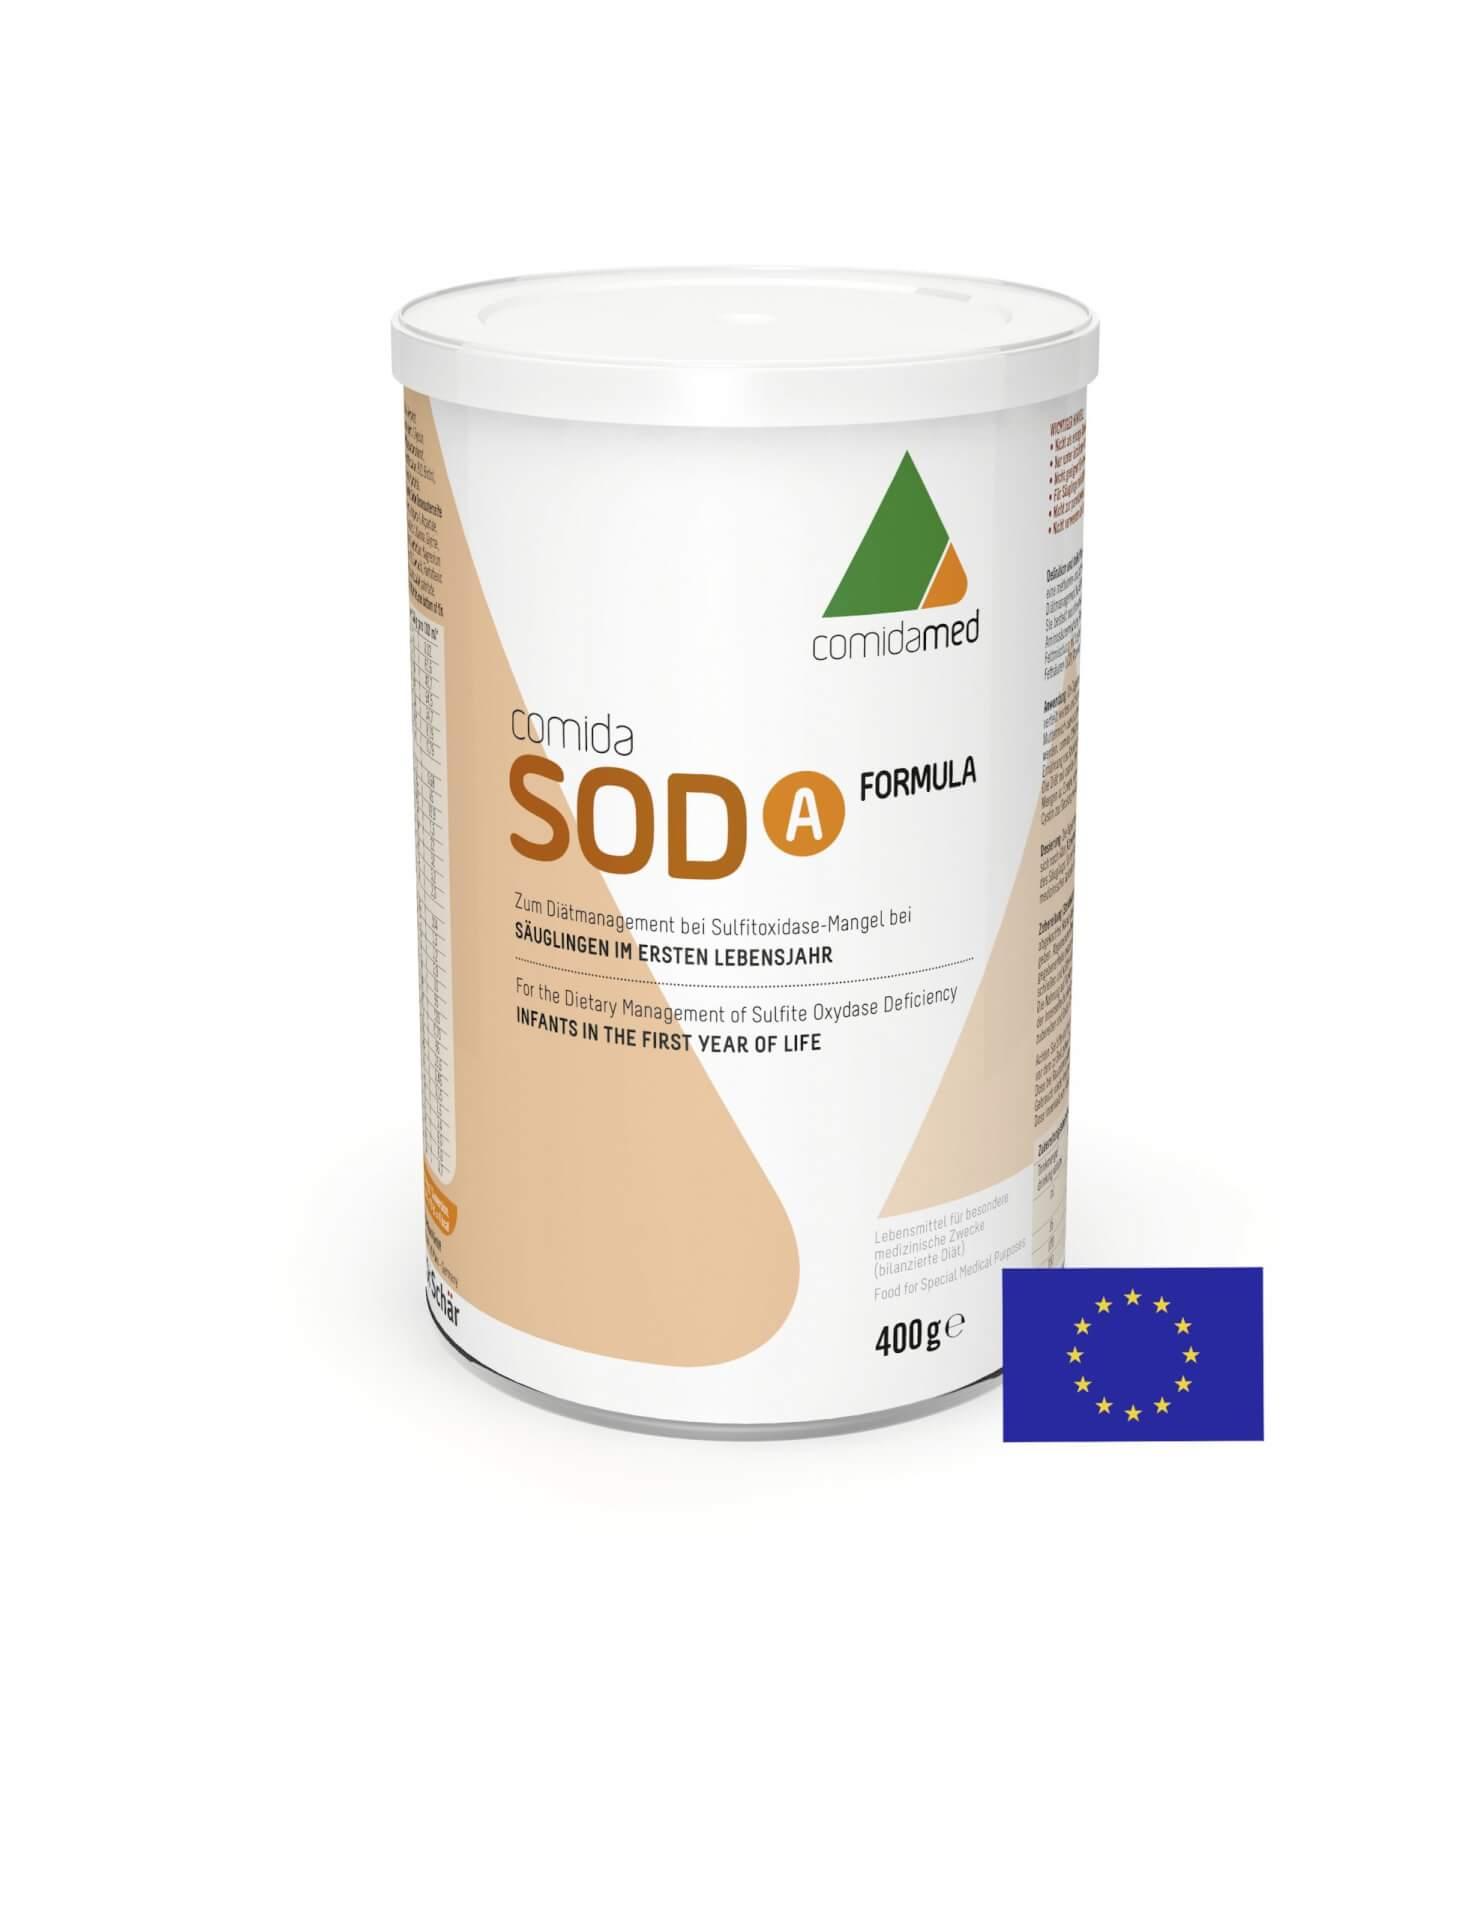 comida-SOD A FORMULA (EU)